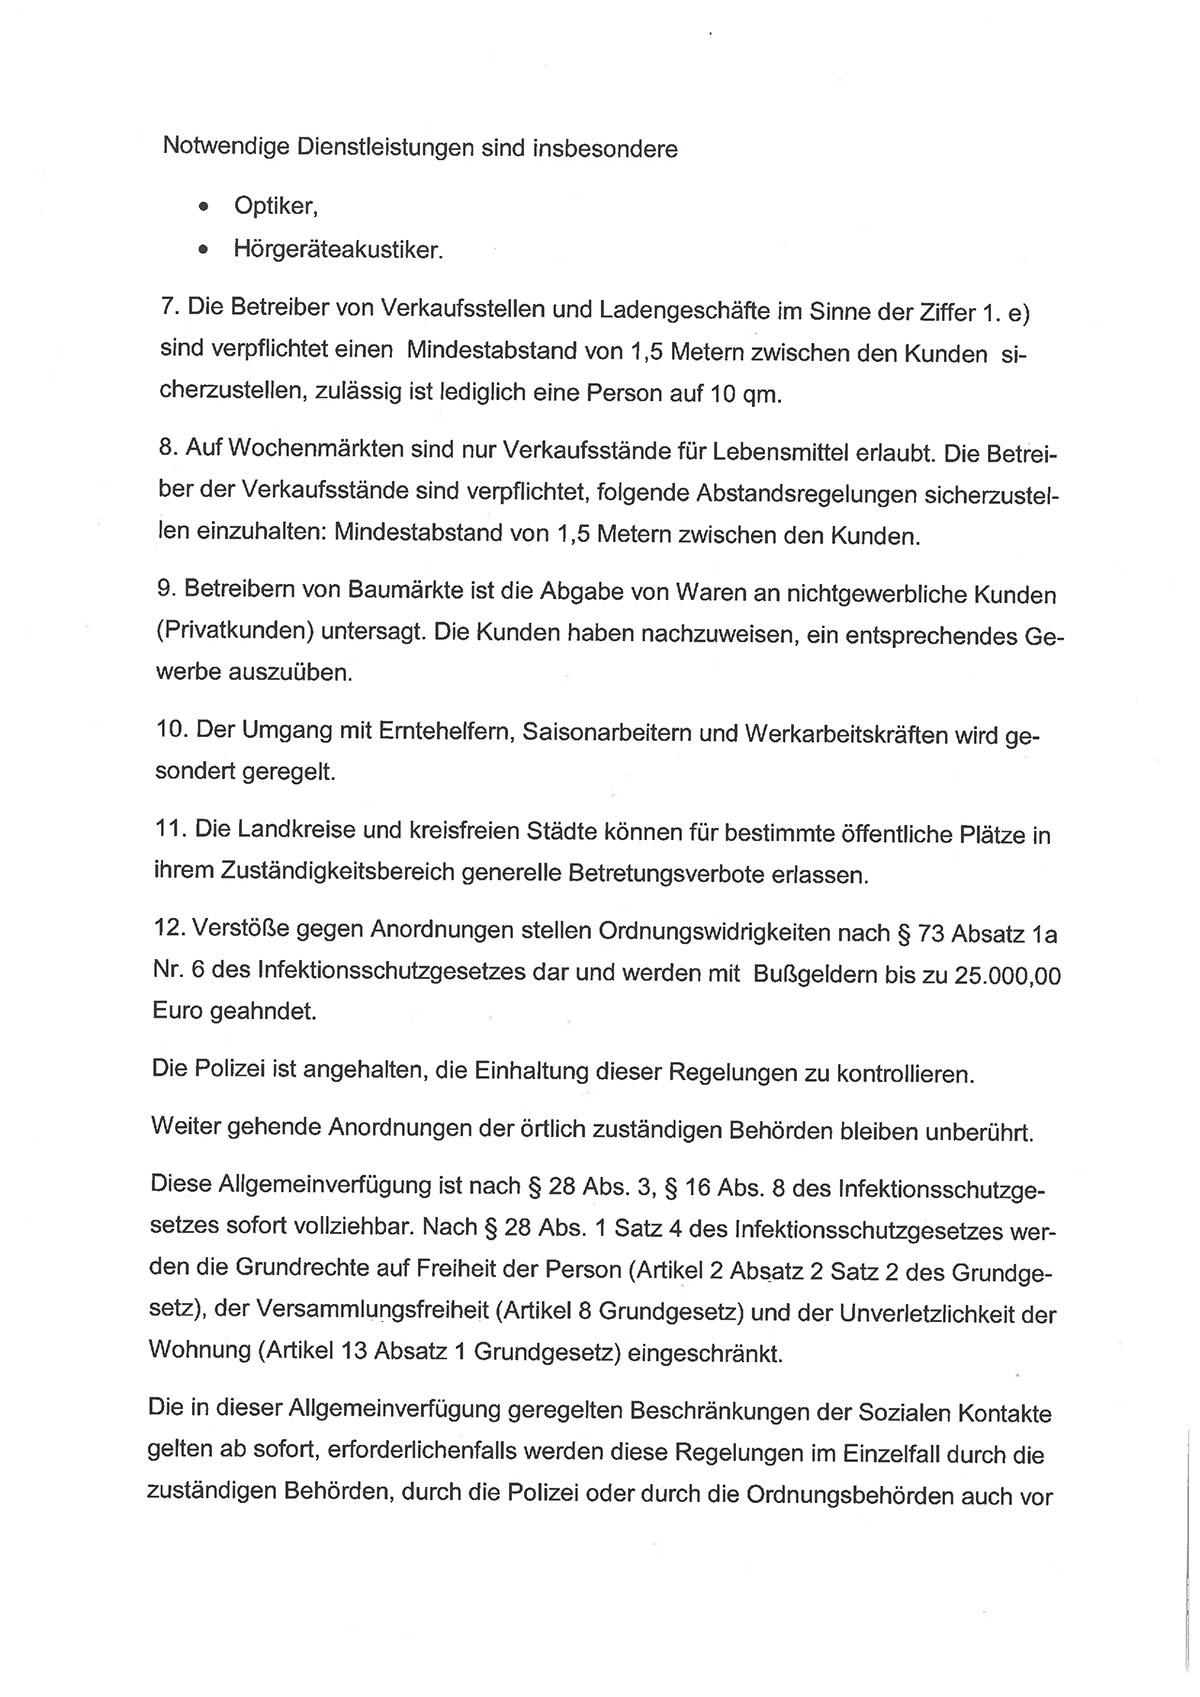 Seite 5 von 8